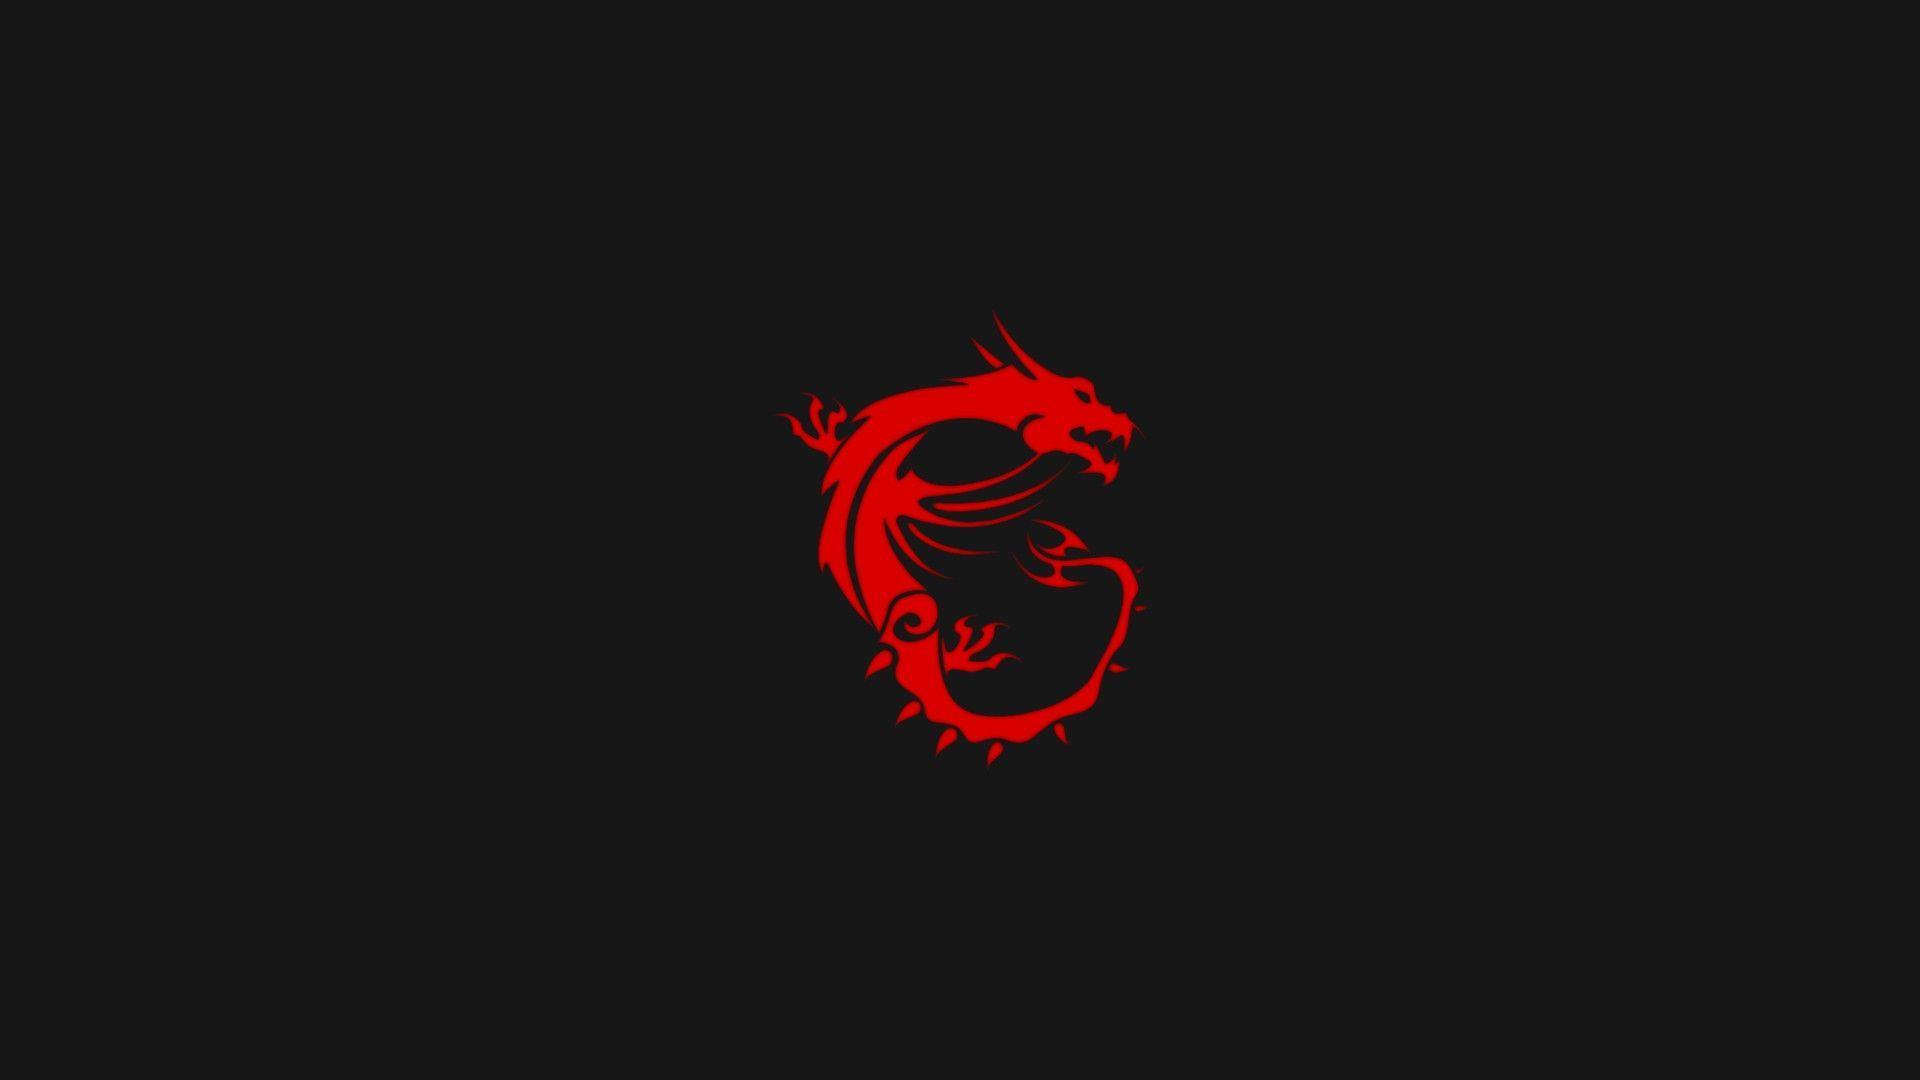 Minimalist Dragon Wallpapers Top Free Minimalist Dragon